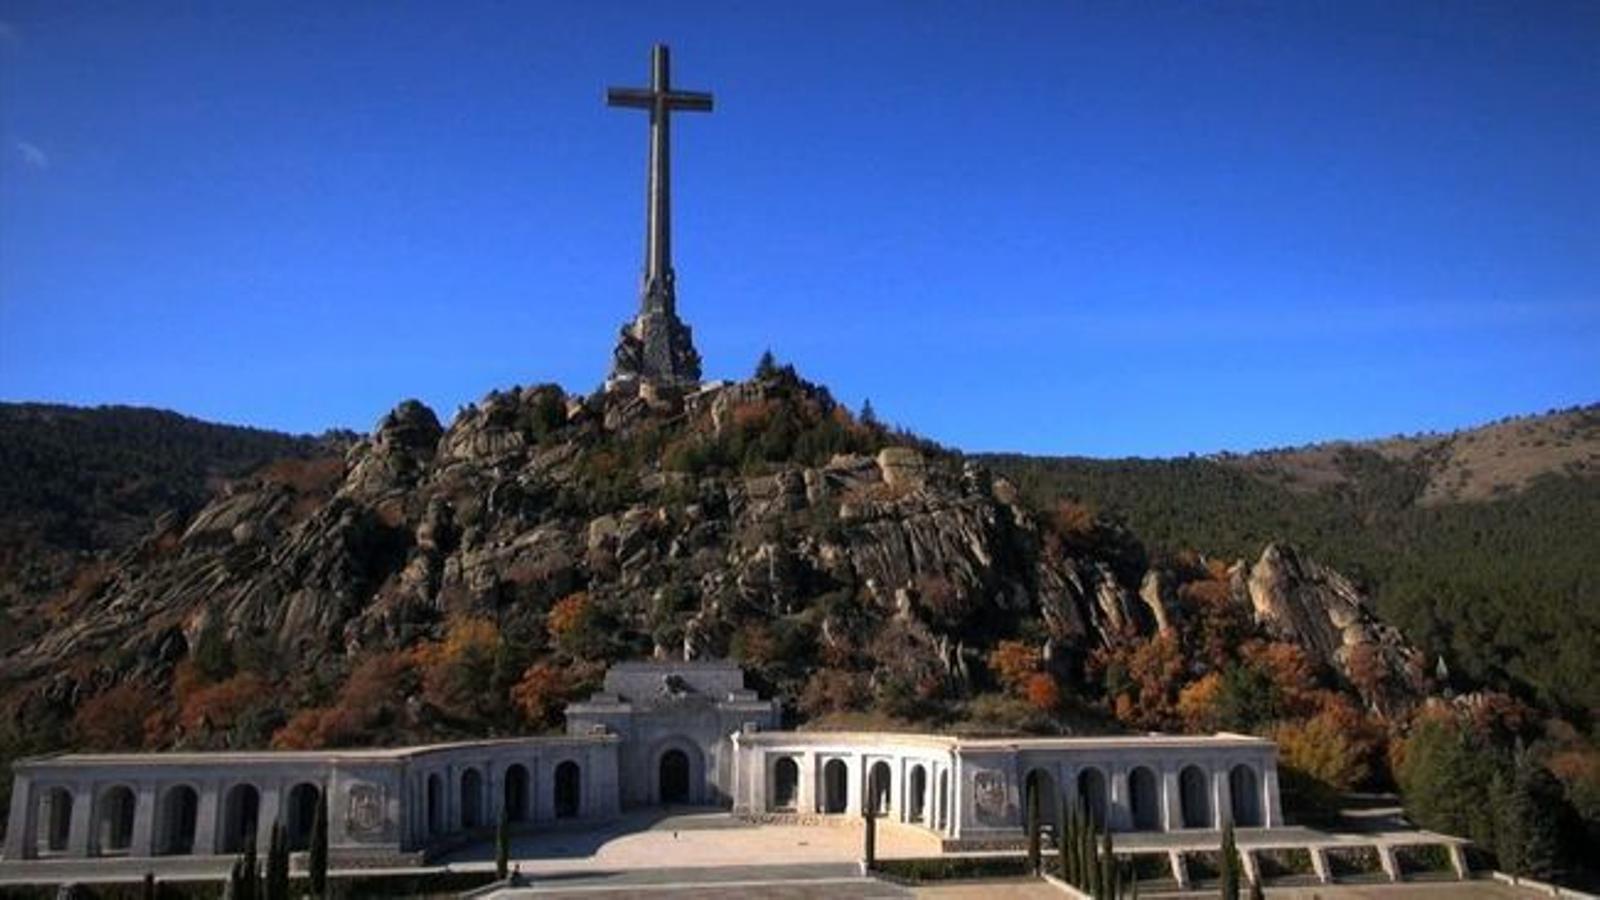 Les exhumacions al Valle de los Caídos comencen amb polèmica